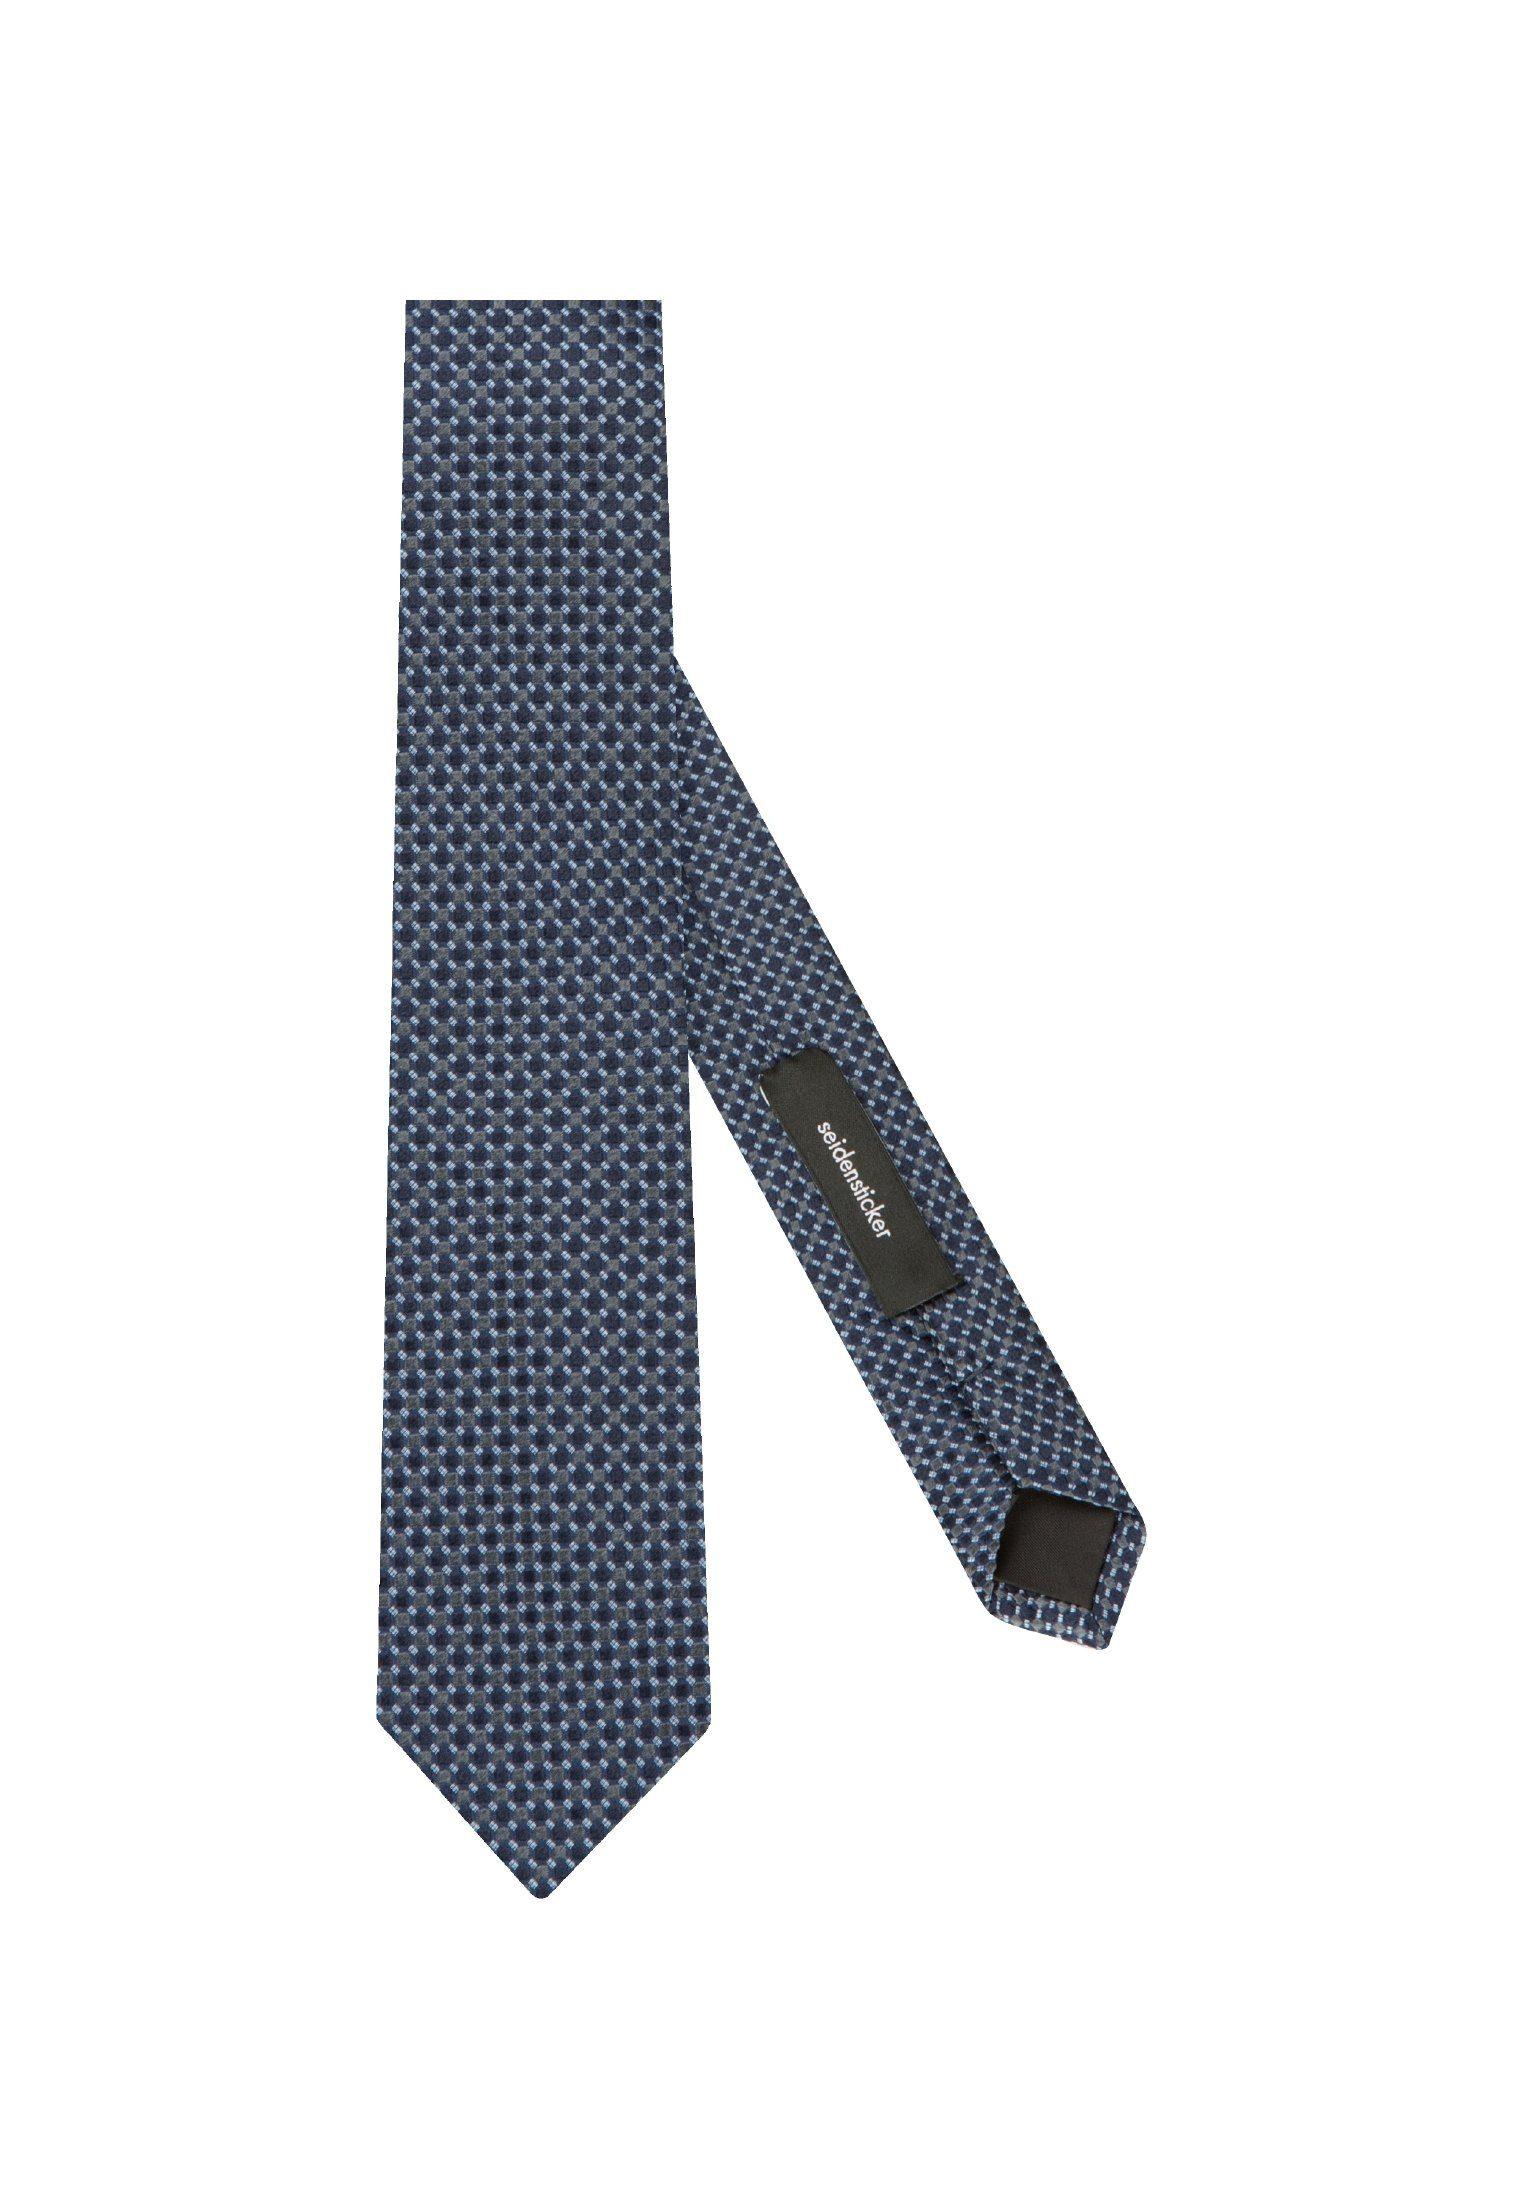 Seidensticker Seidensticker Krawatte Krawatte Rose«Breit7cmOnline »schwarze Kaufen OX8knPN0wZ